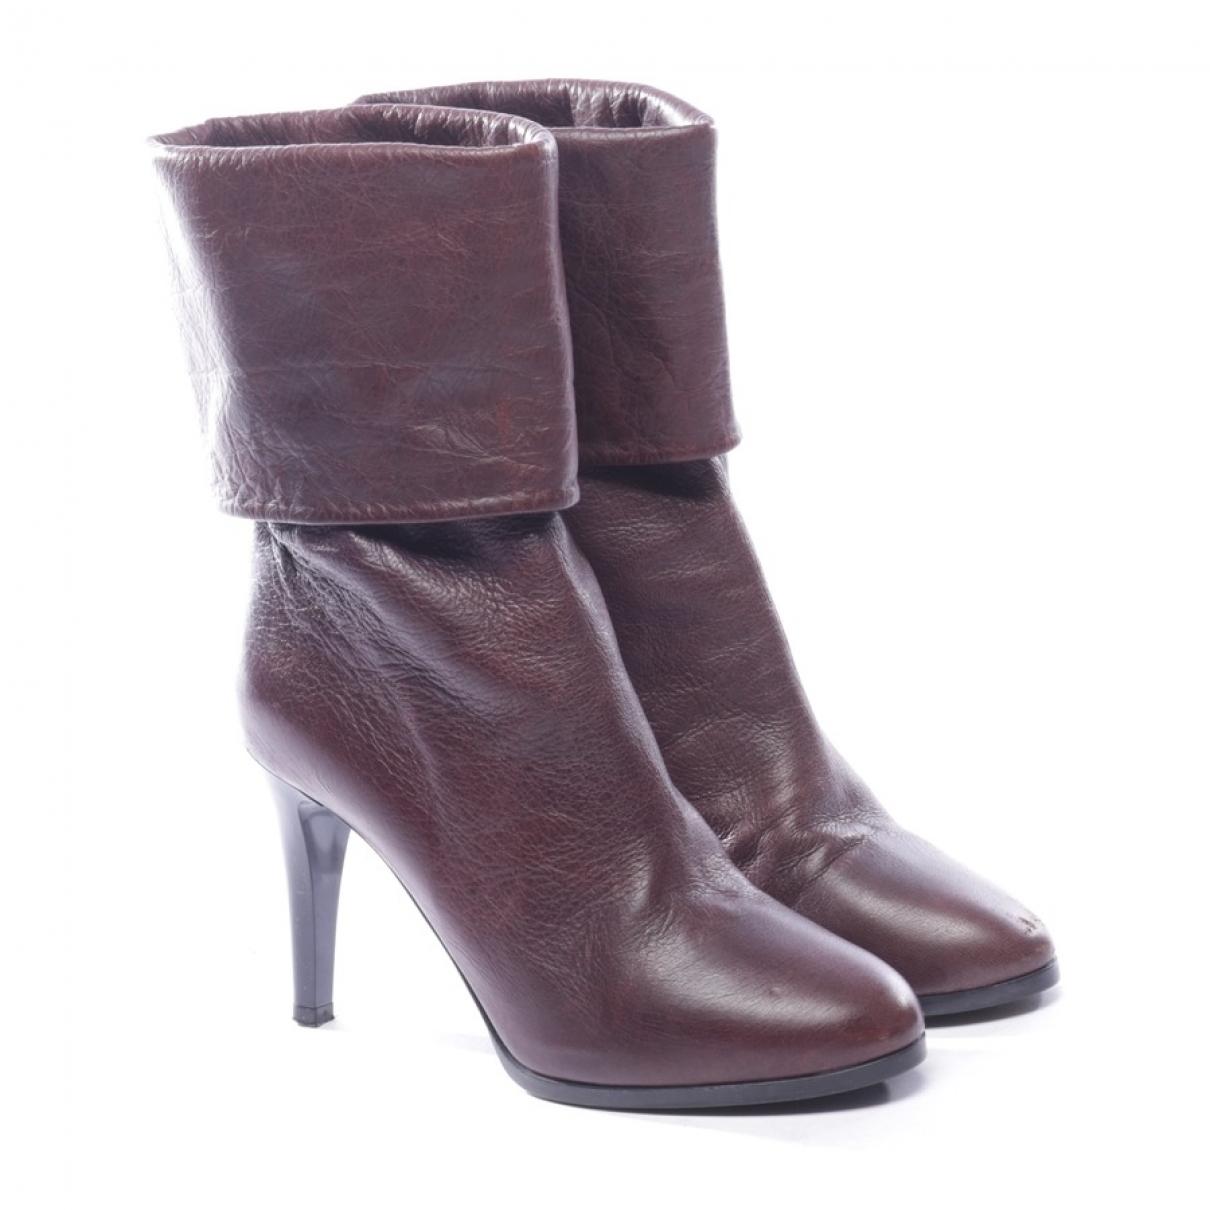 Chloe - Boots   pour femme en cuir - violet